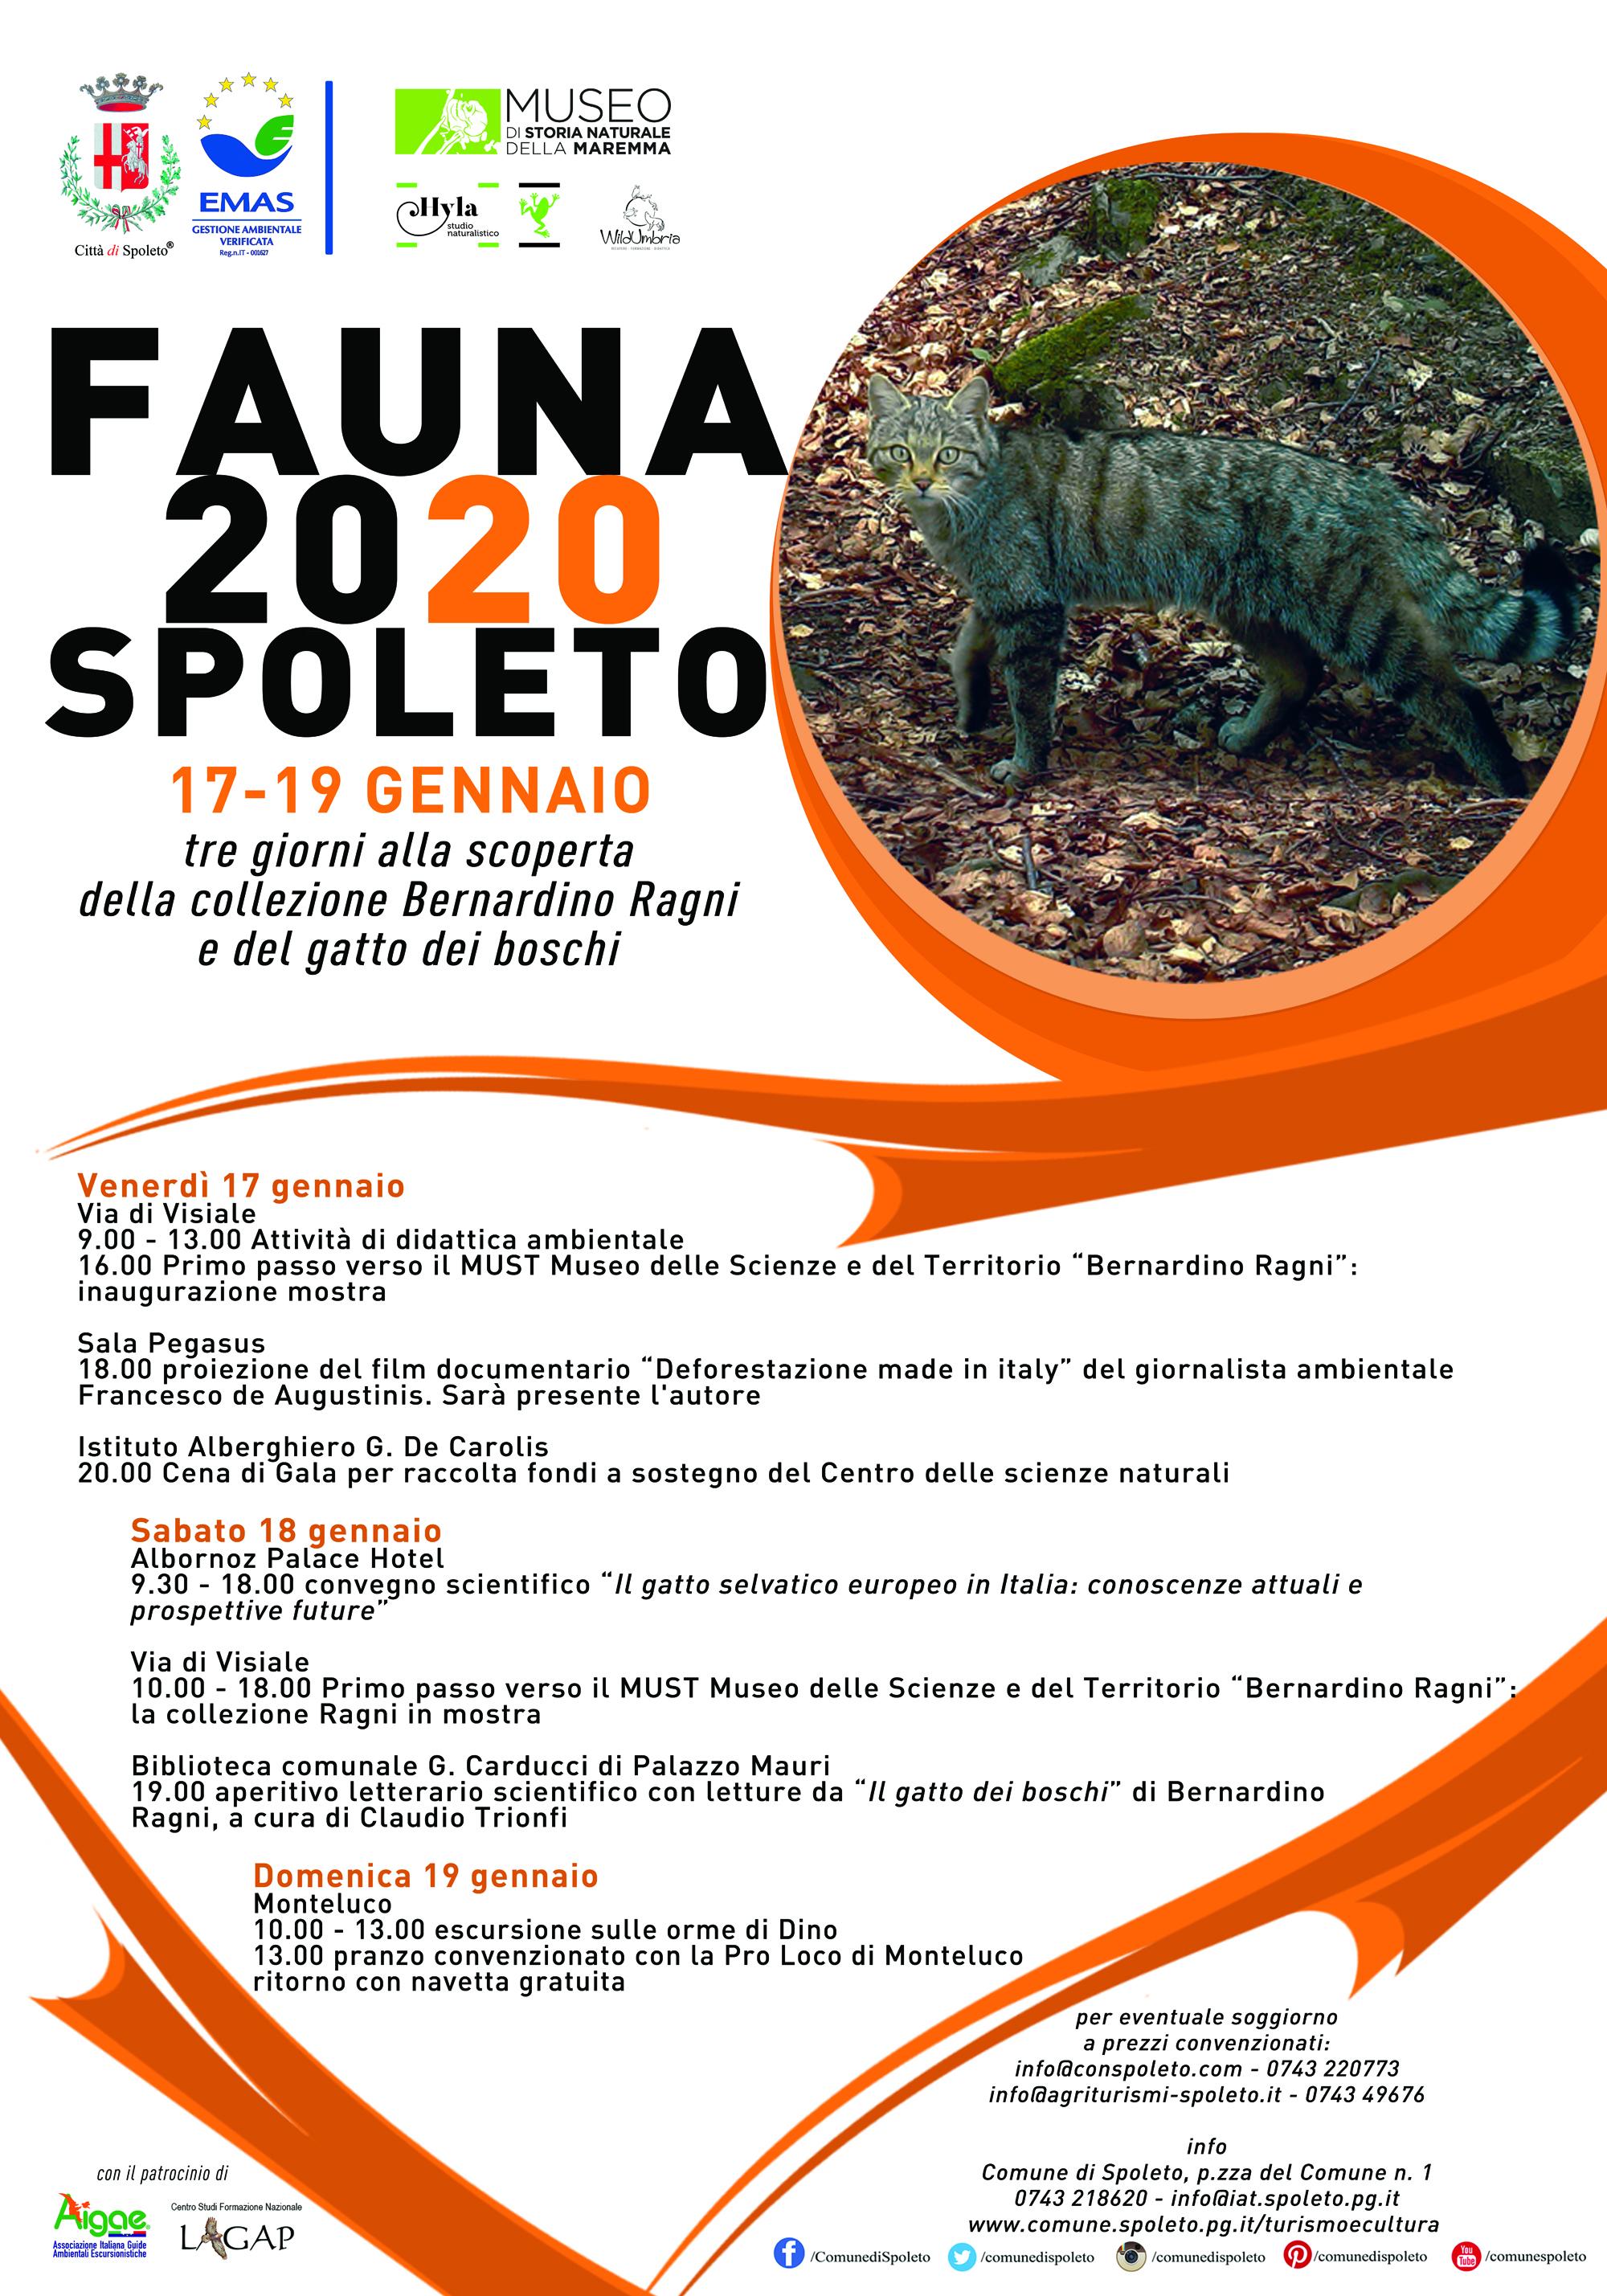 <!--:it-->FAUNA 2020 SPOLETO | Tre giorni alla scoperta della collezione Bernardino Ragni e del gatto dei boschi<!--:--><!--:en-->FAUNA 2020 SPOLETO | Three days to discover the Bernardino Ragni collection and the wildcat <!--:--> @ Spoleto